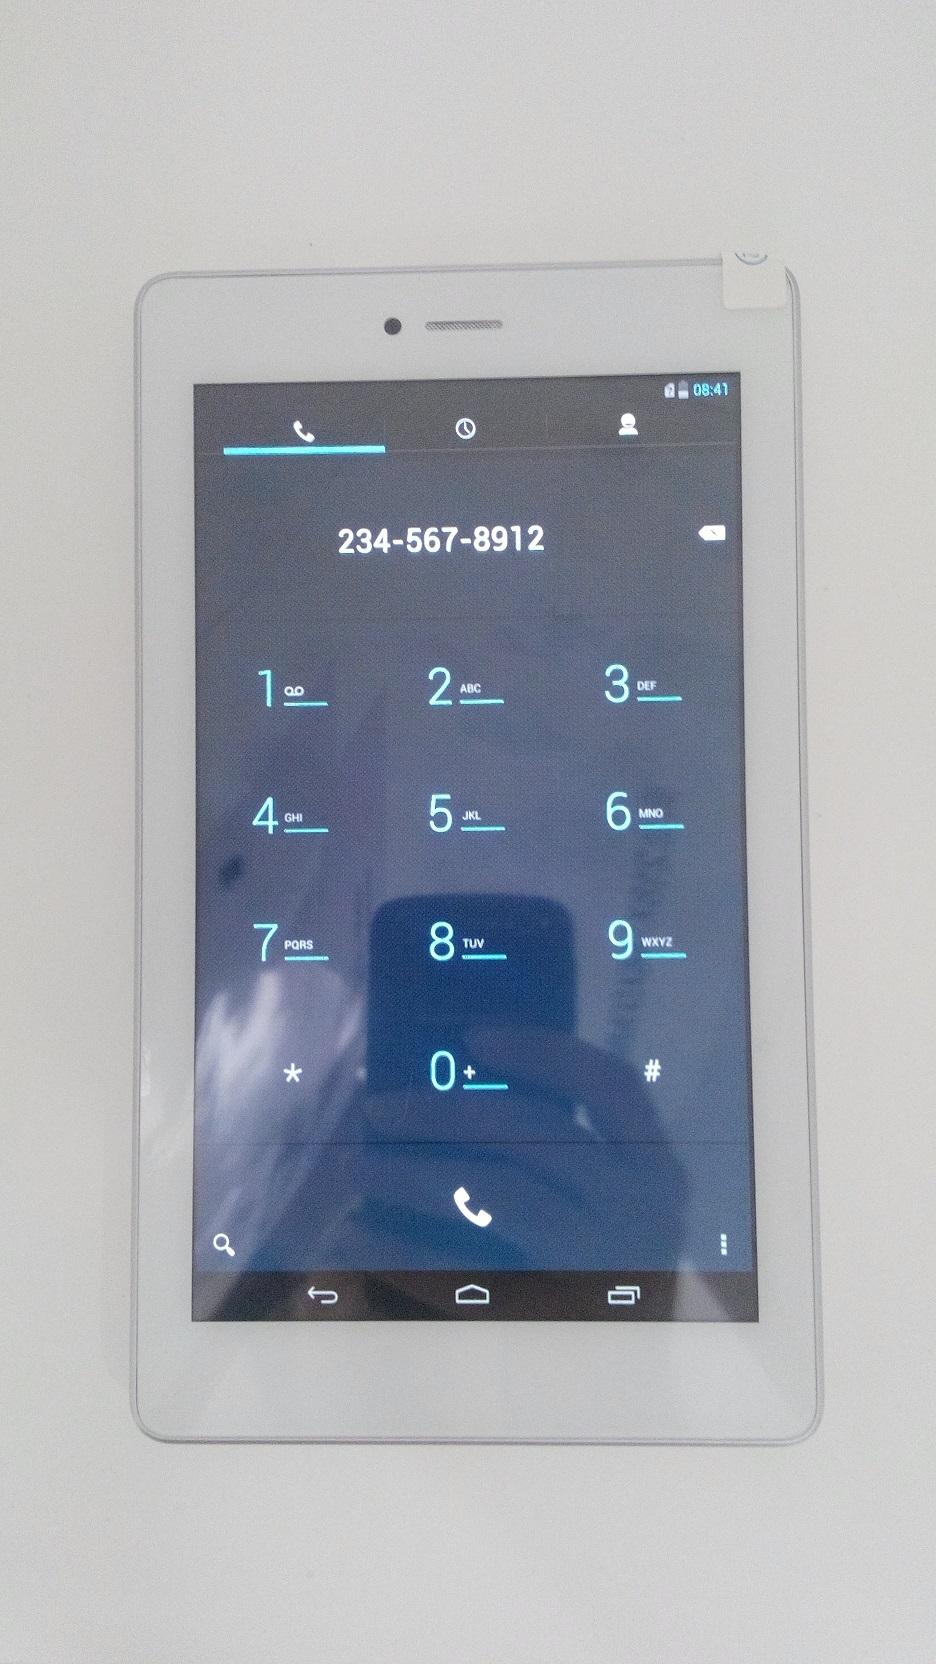 Reeder A7iS Telefon Özelliğini Açma reeder a7is telefon Özelliğini açma Reeder A7iS Telefon Özelliğini Açma 2f2bd7fc3faa69413466d0e84a9f20d3